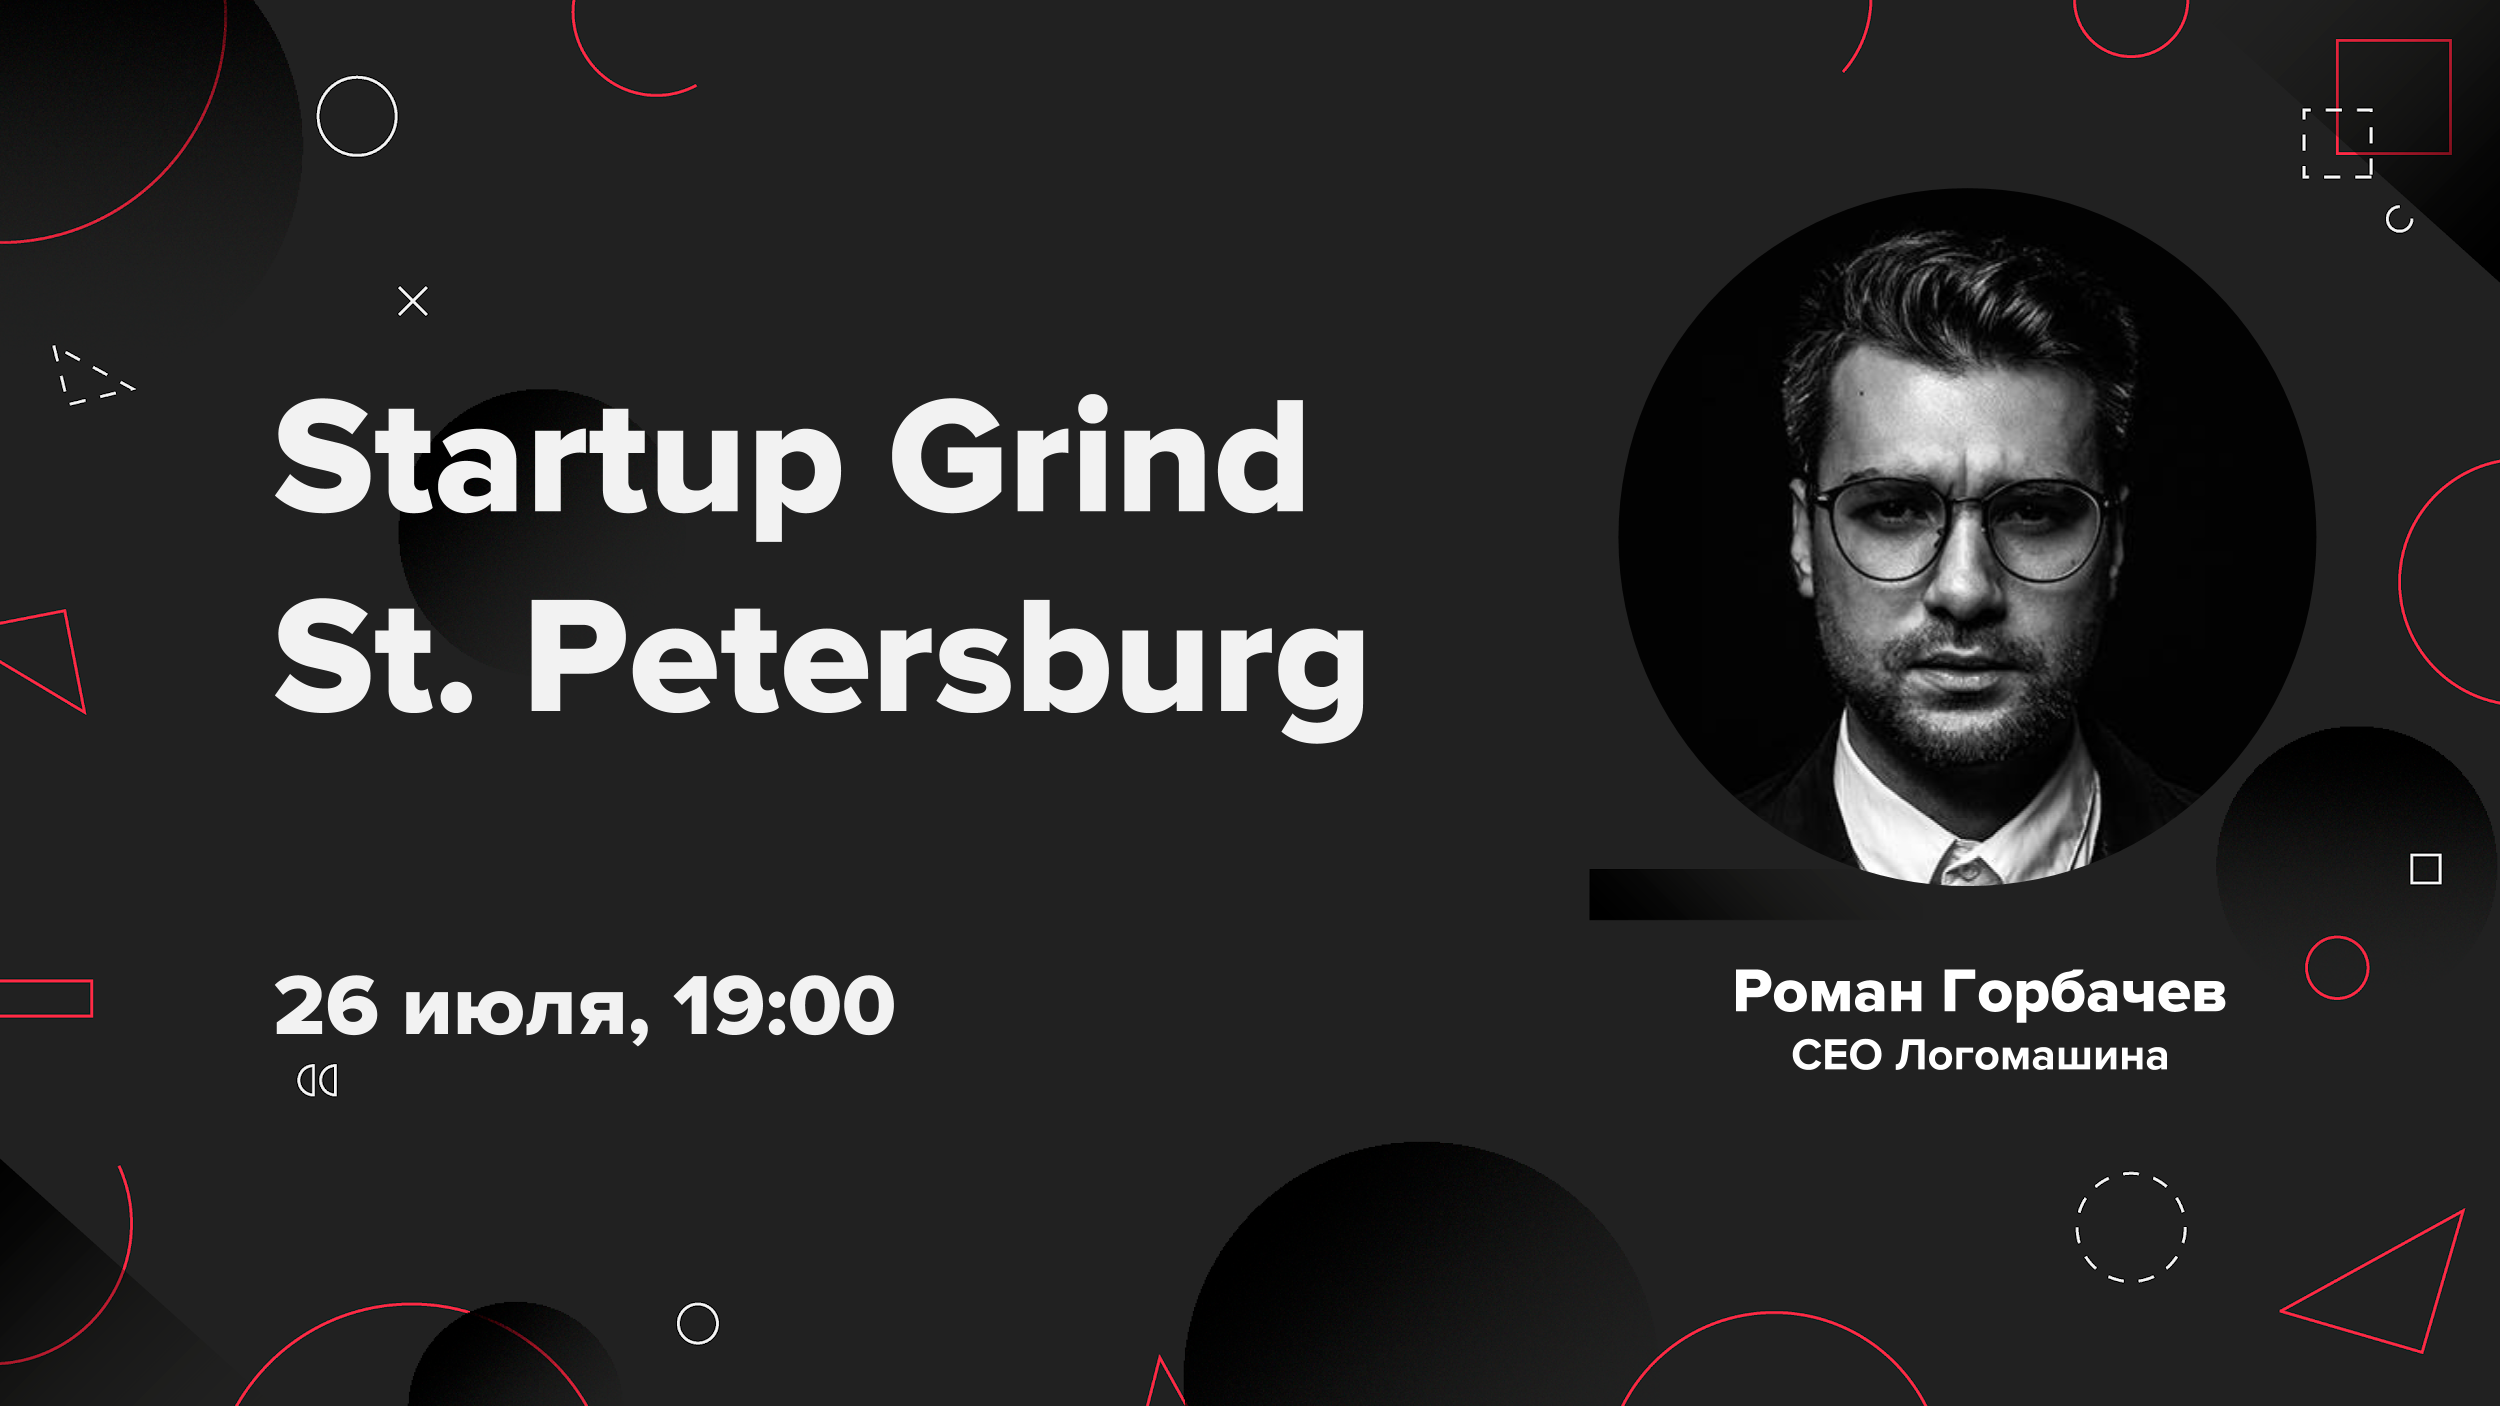 Первая встреча Startup Grind в Санкт-Петербурге! Спикер: Роман Горбачев, «Логомашина»